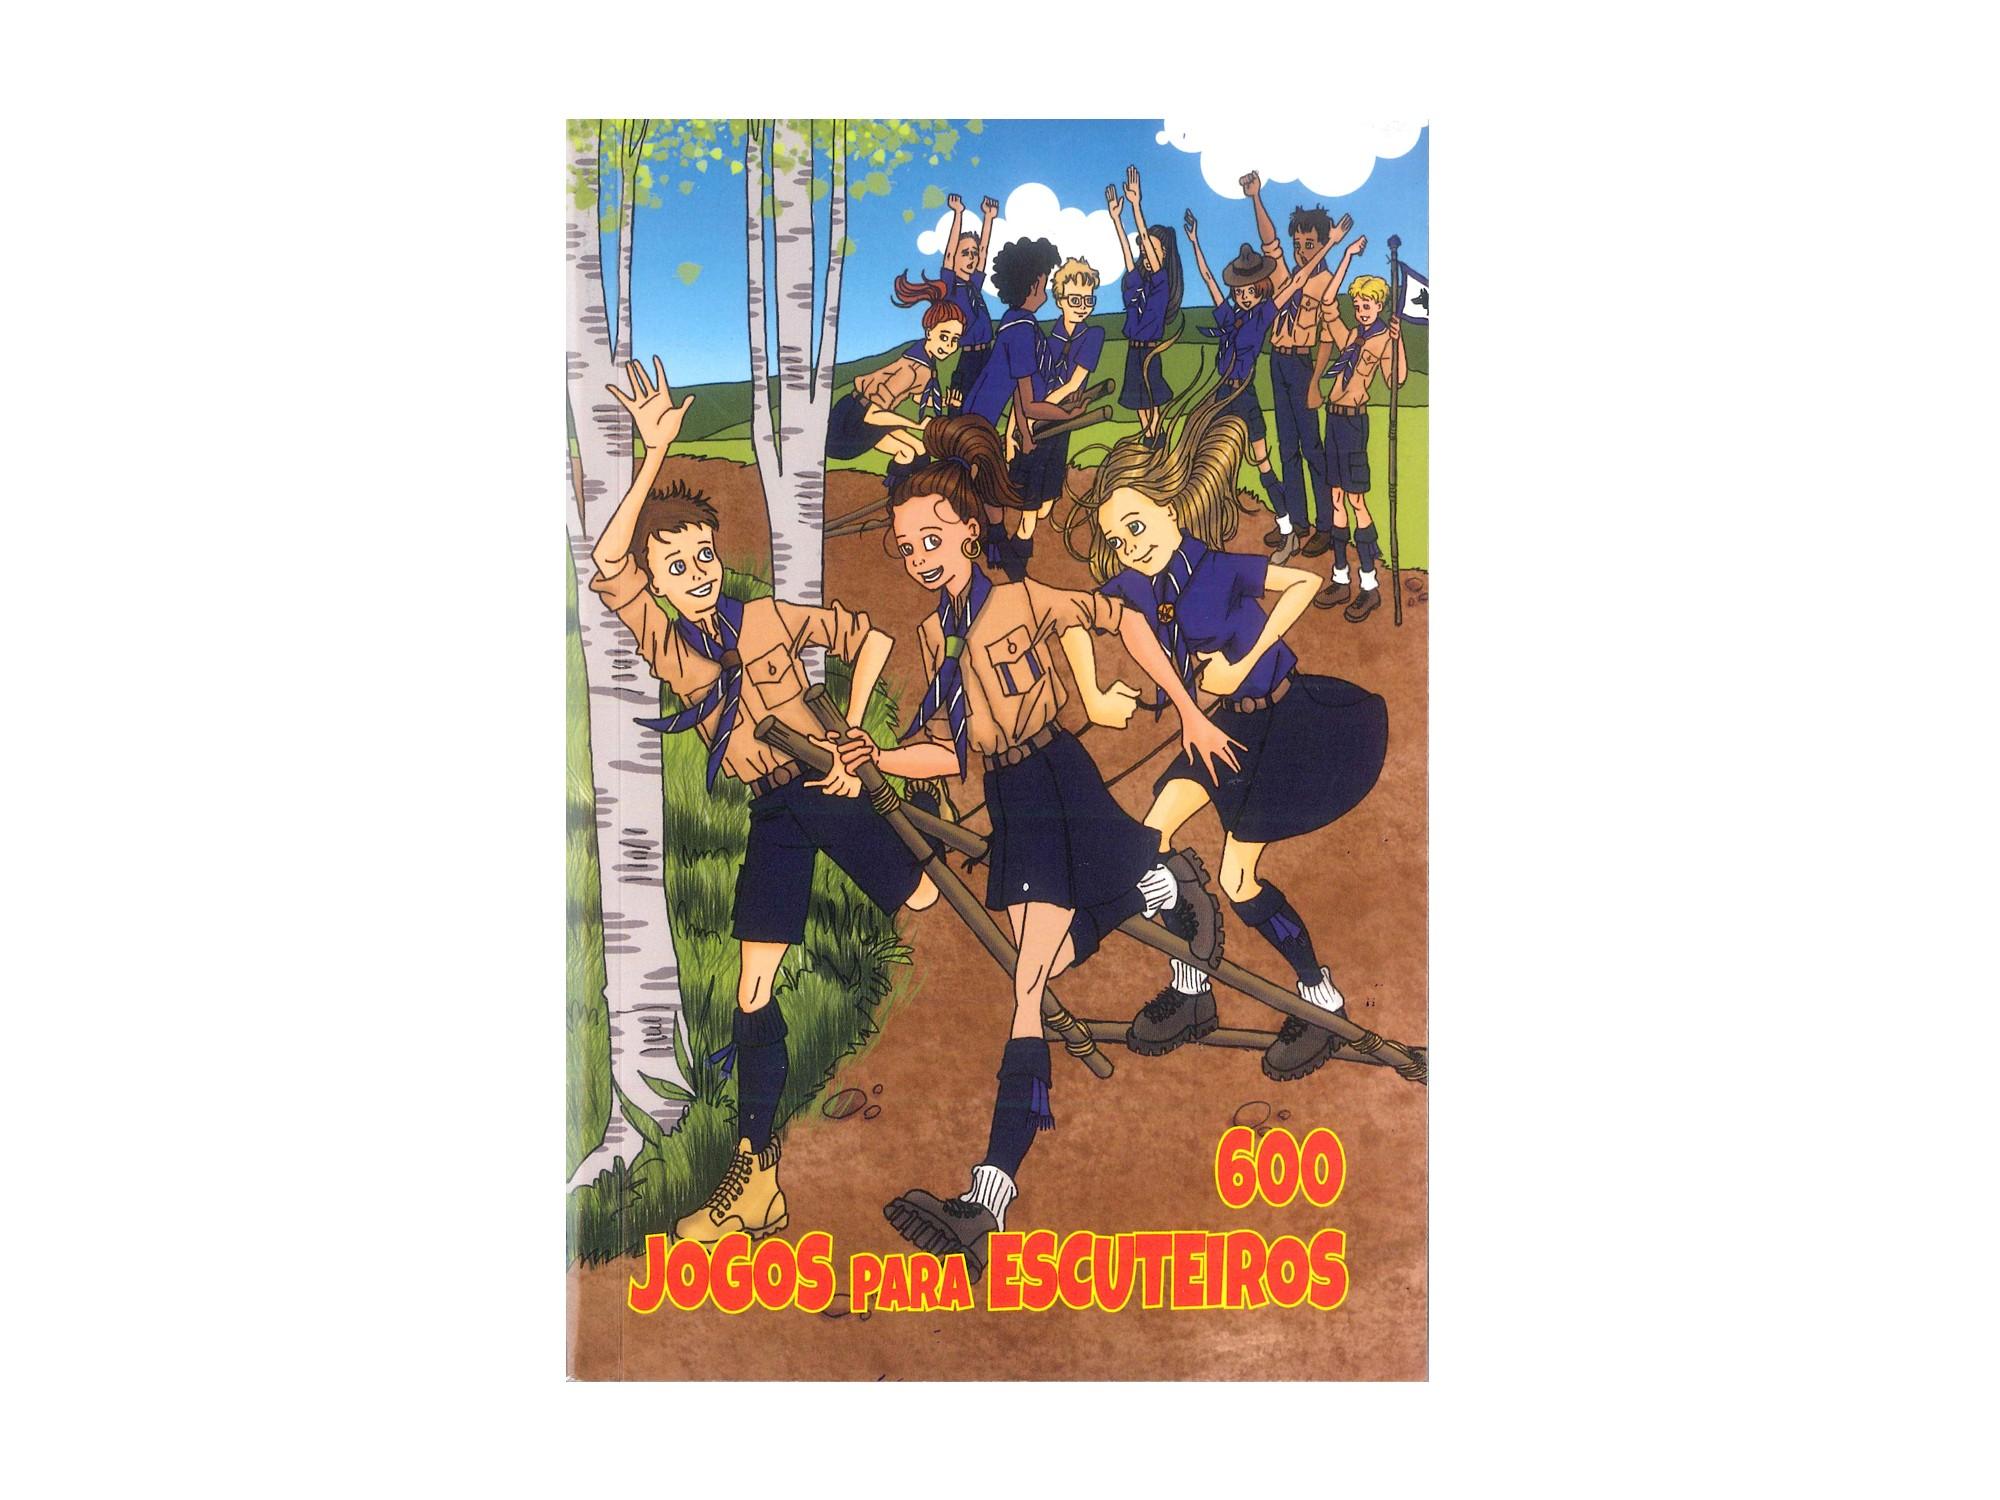 600 Jogos para Escuteiros